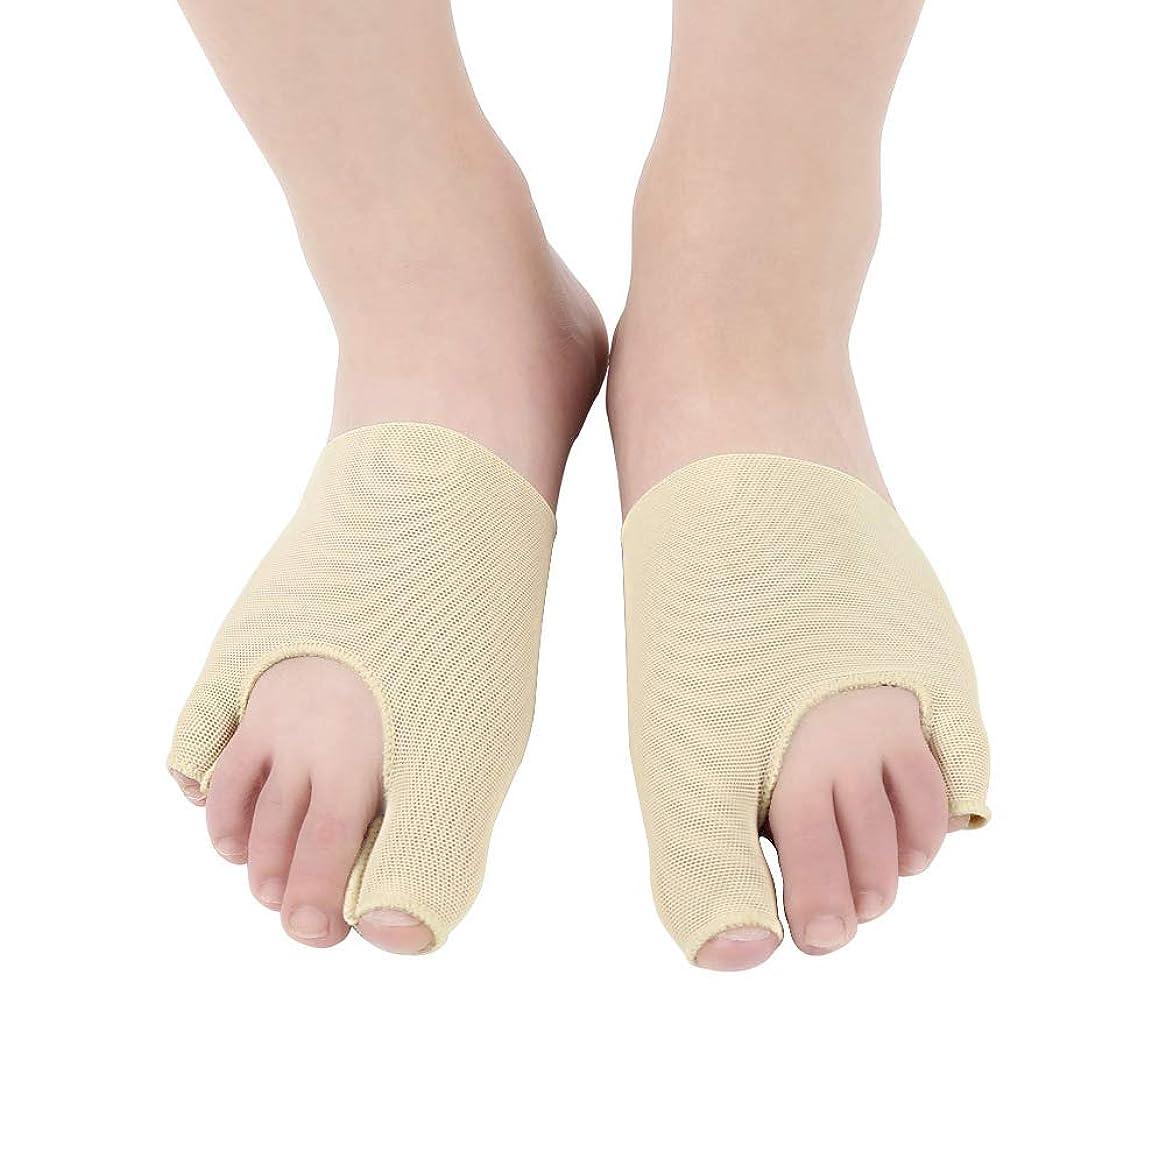 安定しました止まる拍手する高弾性のためのつま先補正靴下ケア厚手のダンピング吸収汗通気性ナイロン布をつま先外反の重複を防ぐために吸収,2pairs,S